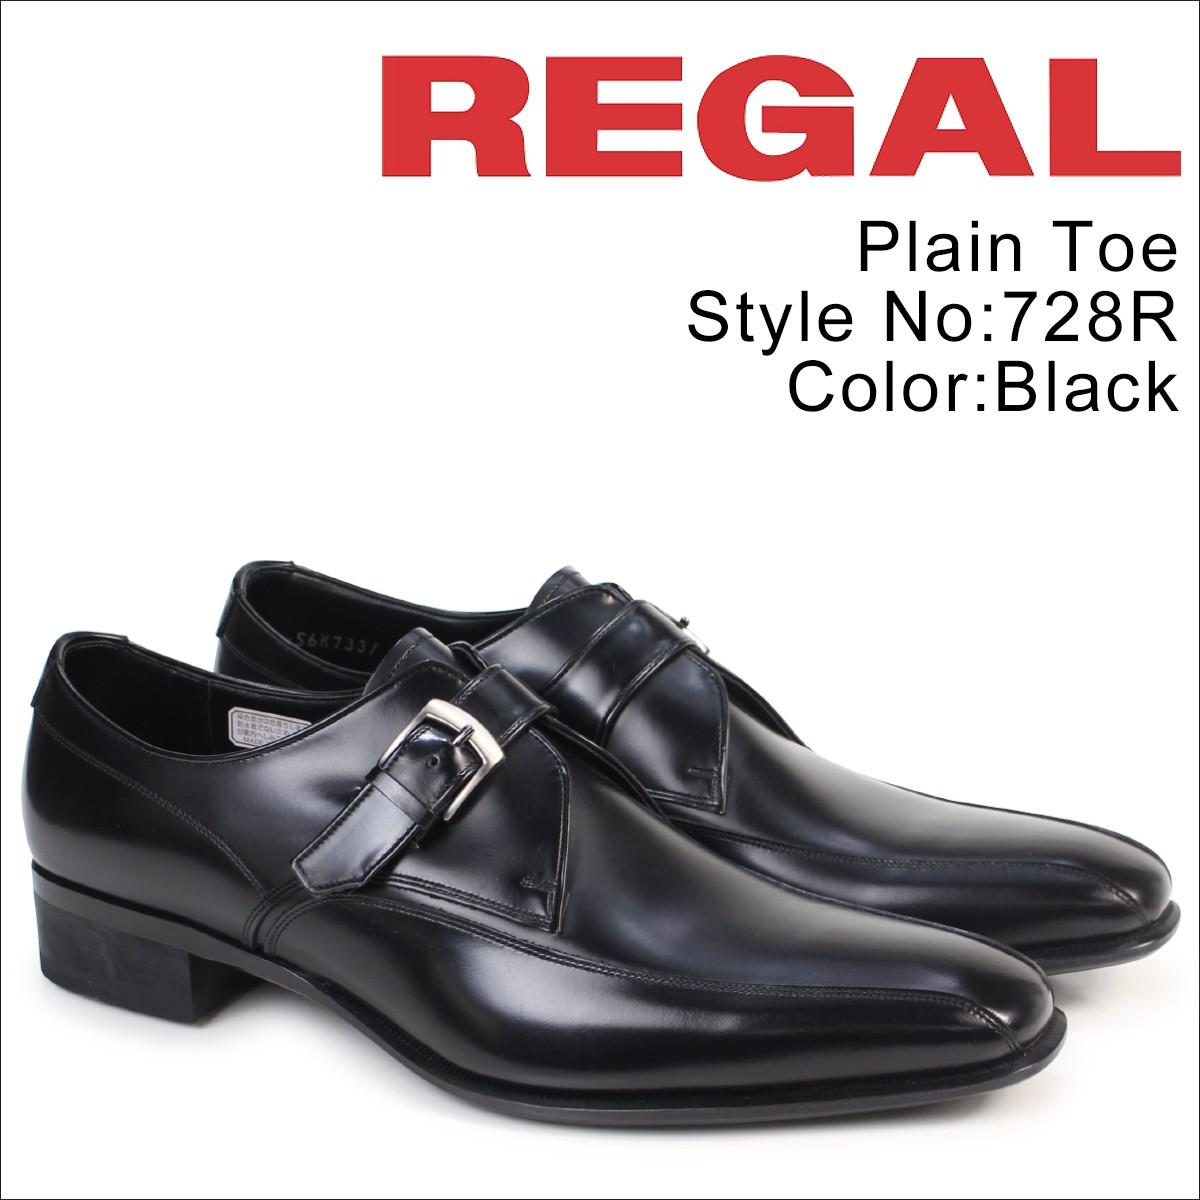 リーガル 靴 メンズ ビジネスシューズ REGAL ストレートチップ 35HR BB 防水 日本製 ブラック [5/9 追加入荷]